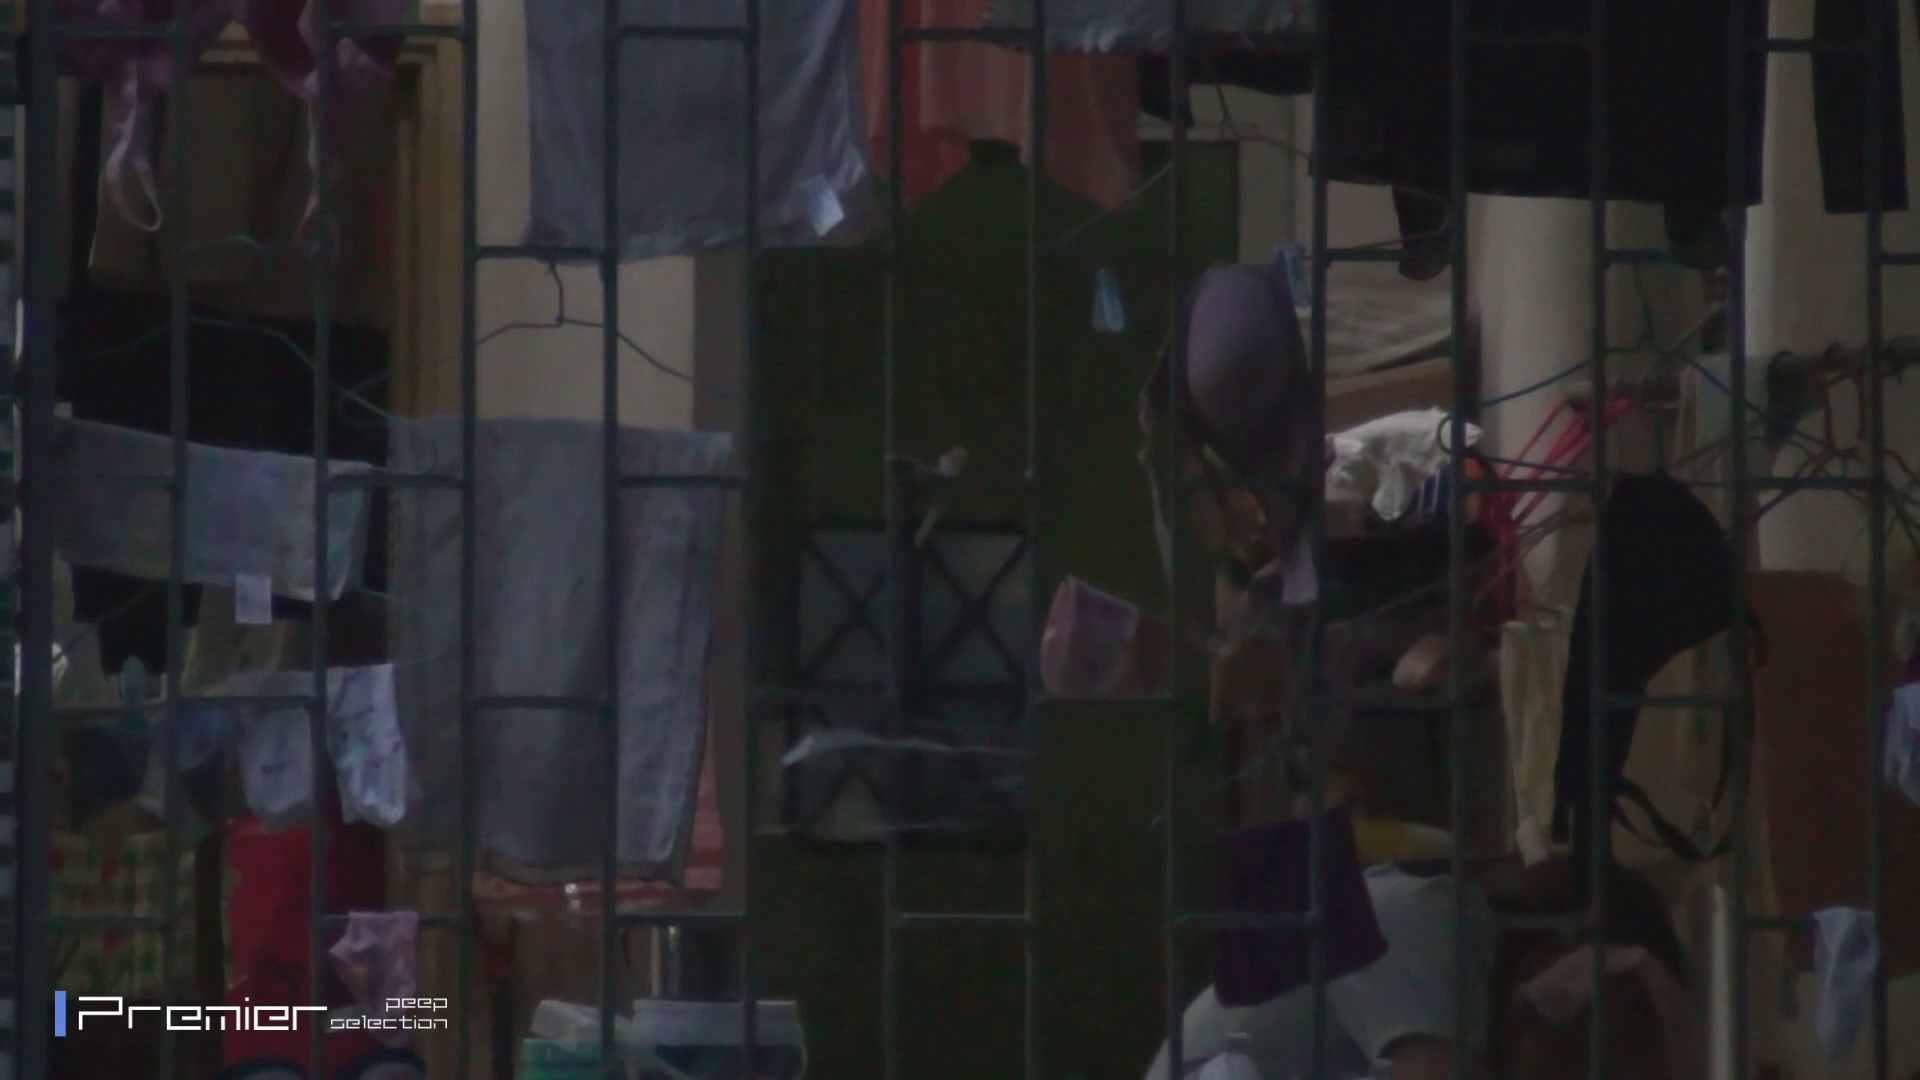 激撮り美女の洗顔シーン Vol.05 美女の痴態に密着! ギャルズ おめこ無修正動画無料 92画像 11